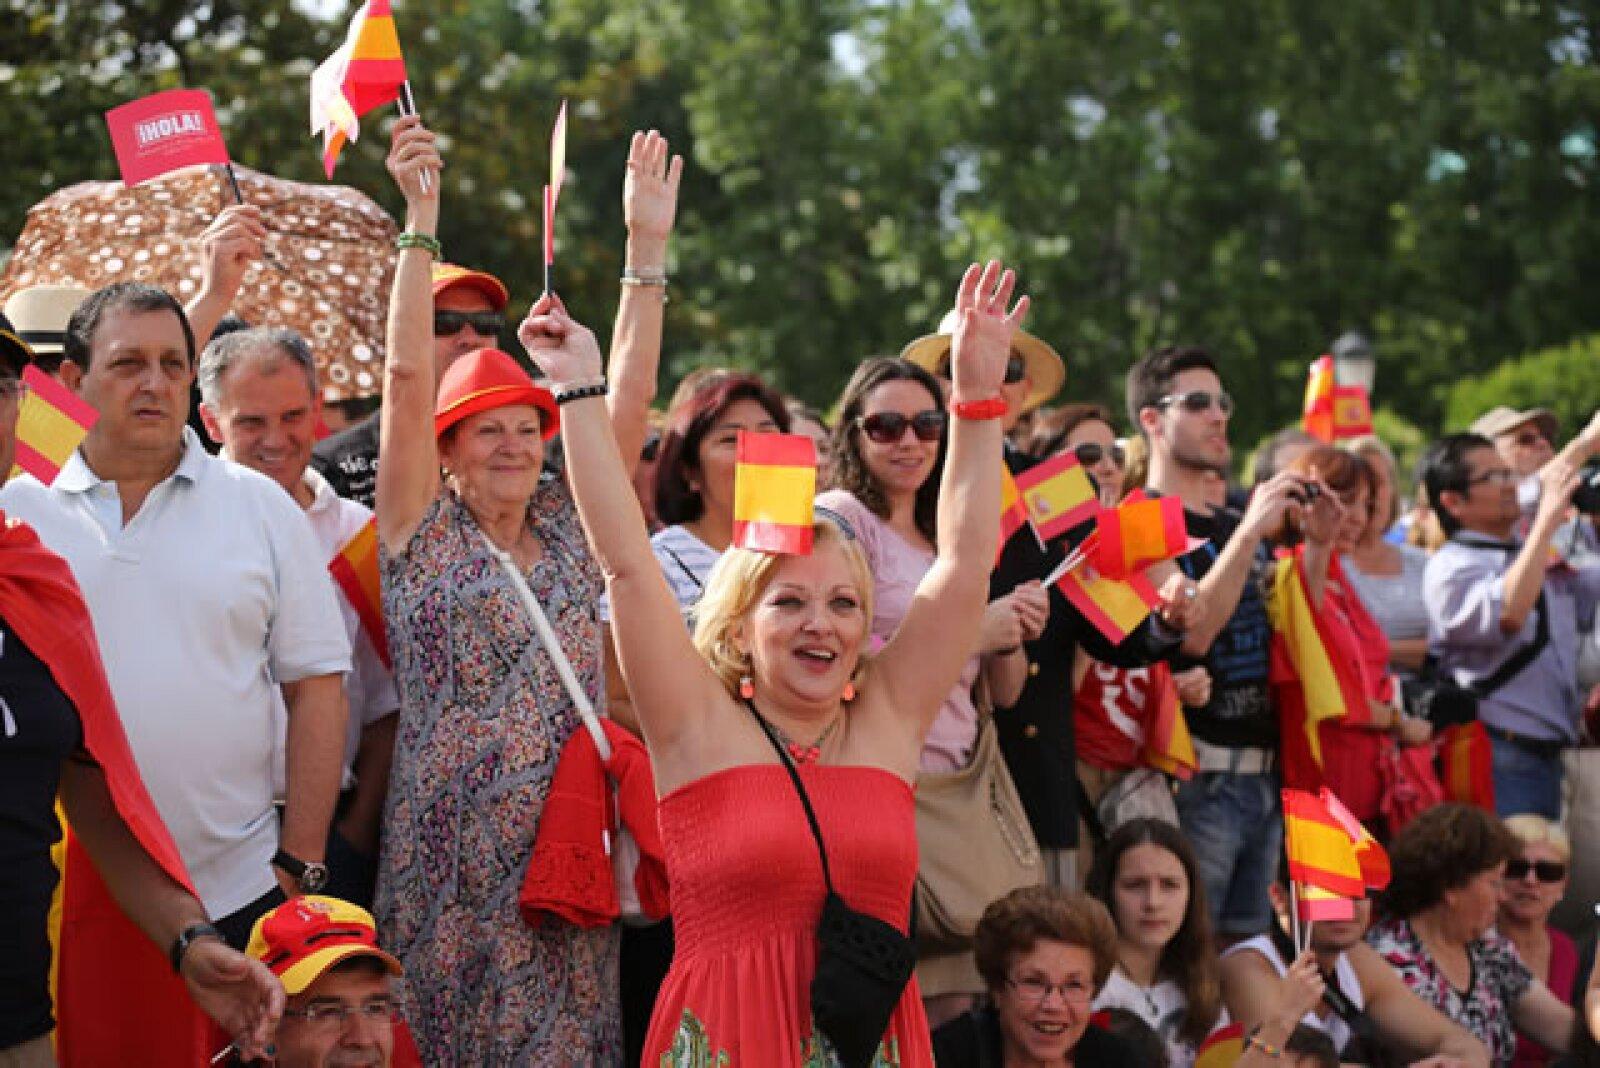 Emoción en las calles de Madrid. `Viva el Rey´, gritan.